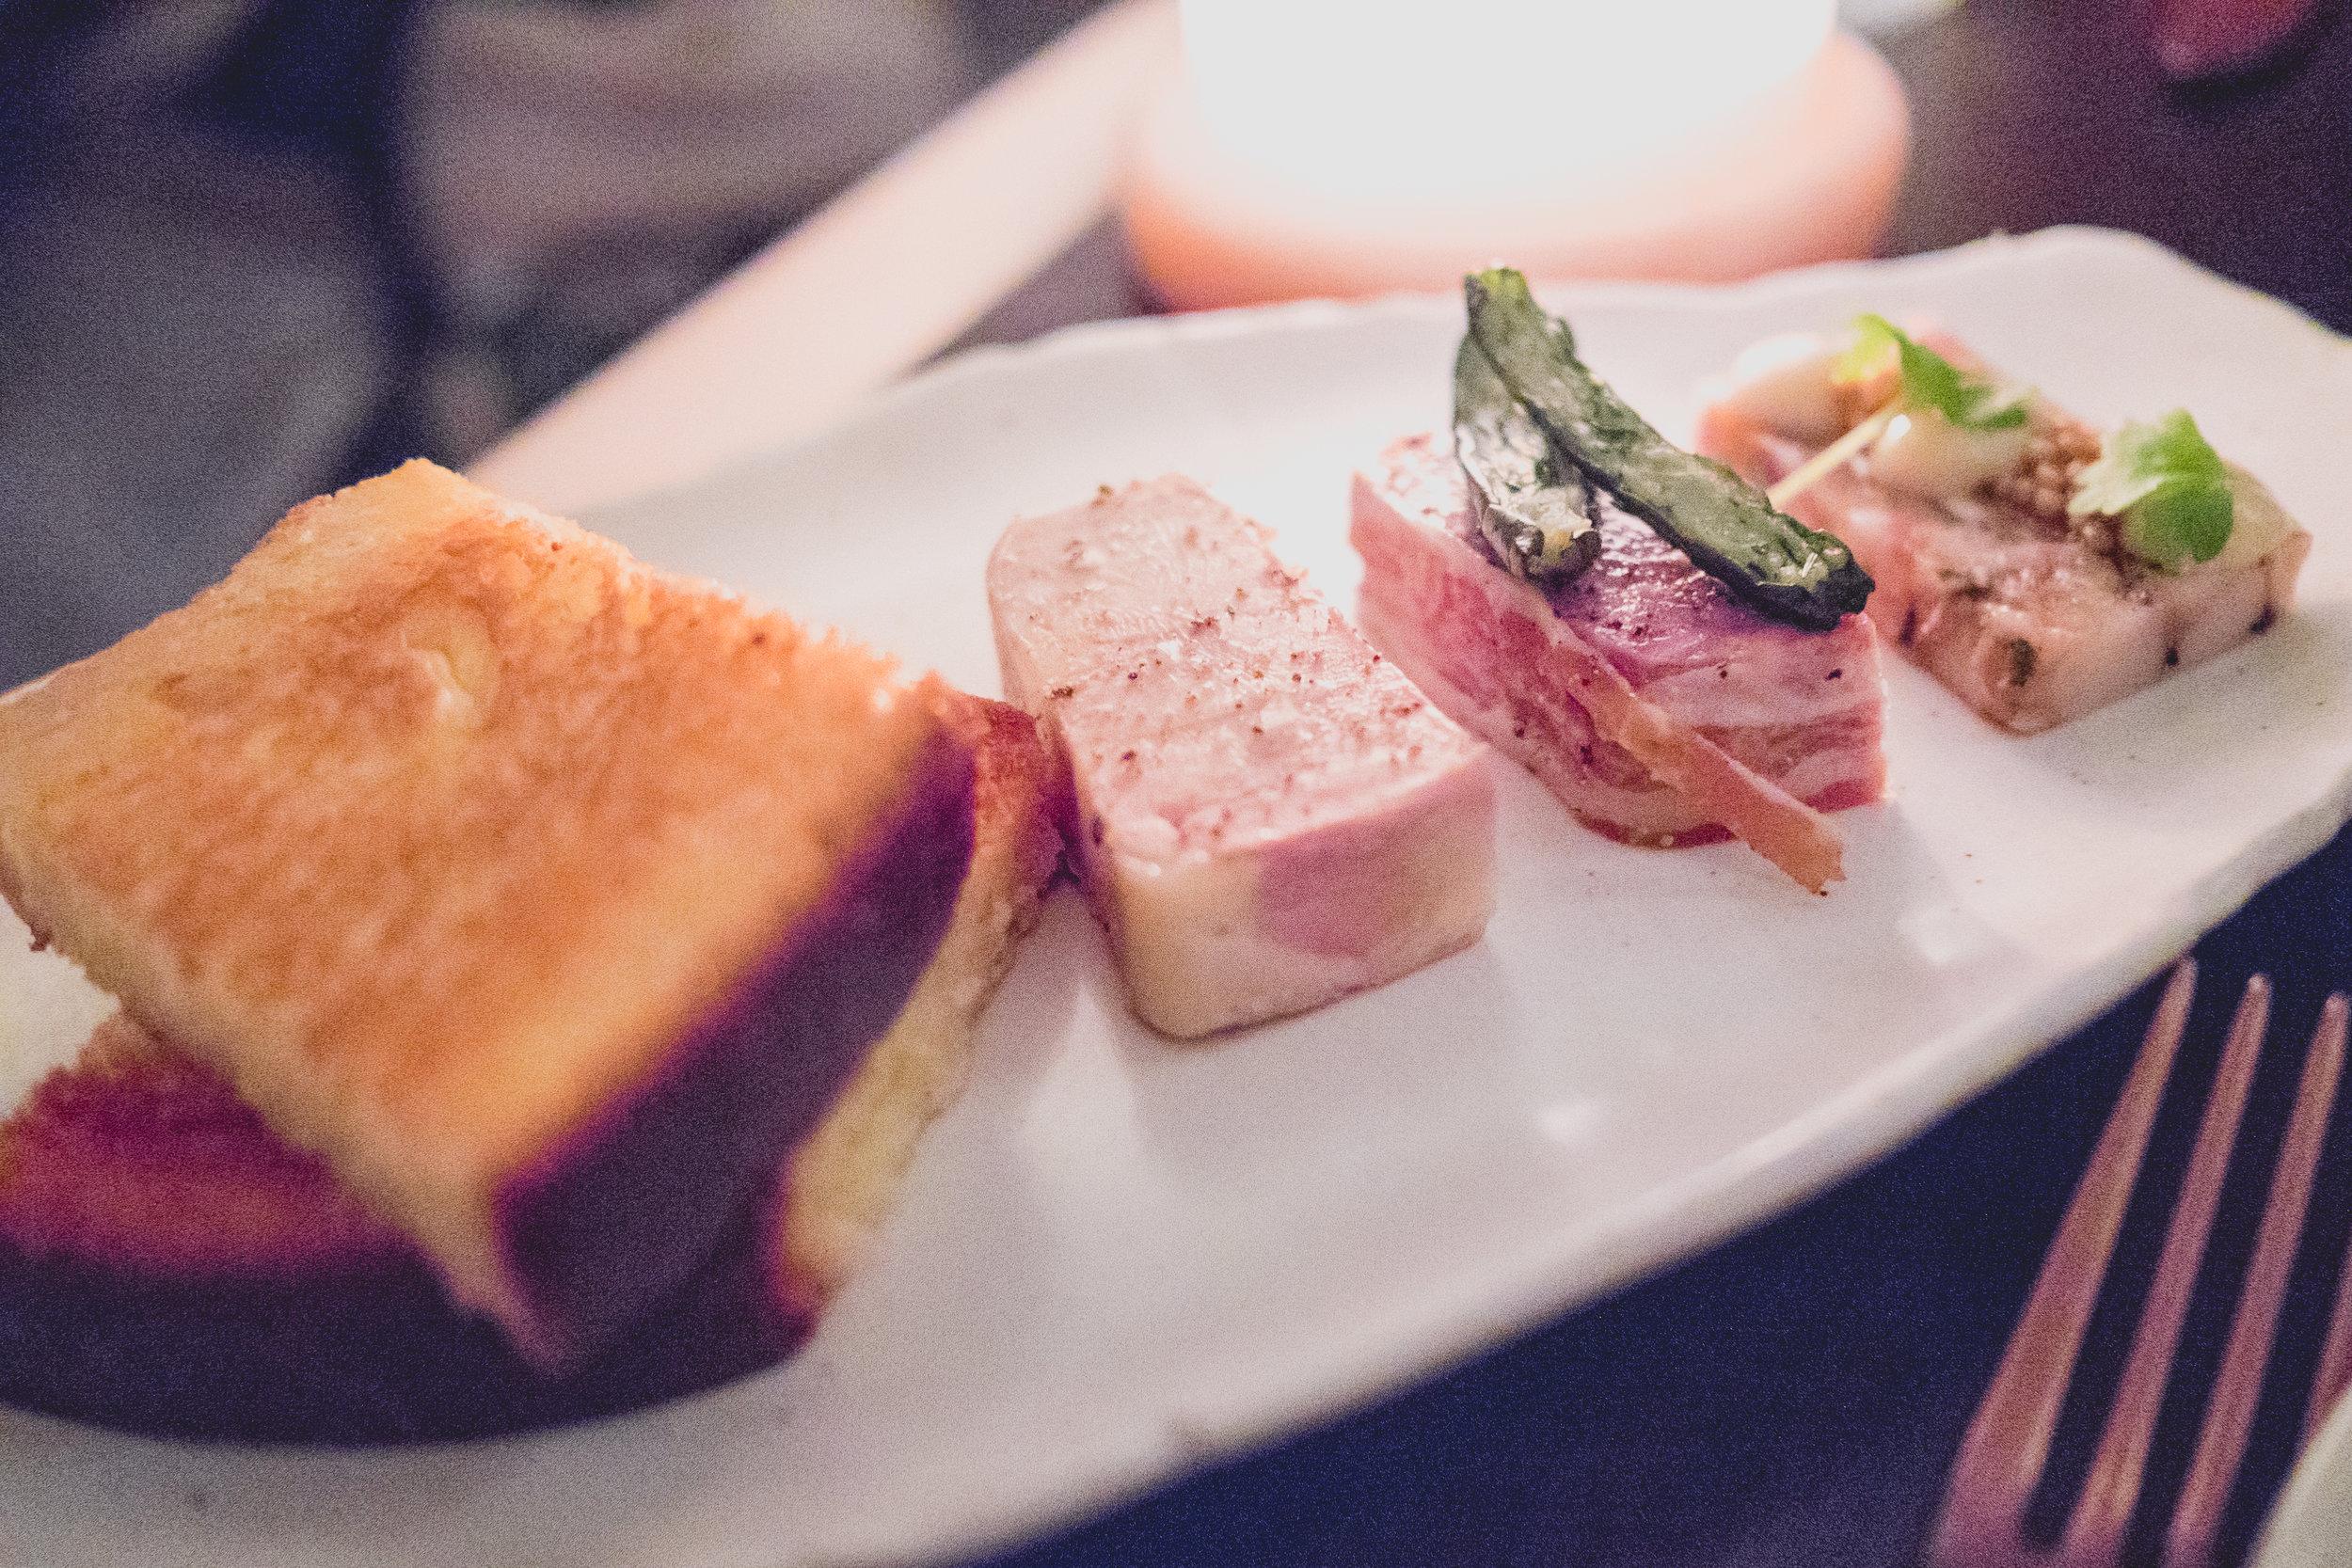 toasted brioche;   foie gras terrine;   pork and liver terrine  wrapped in proscuitto;  tete de cochon .